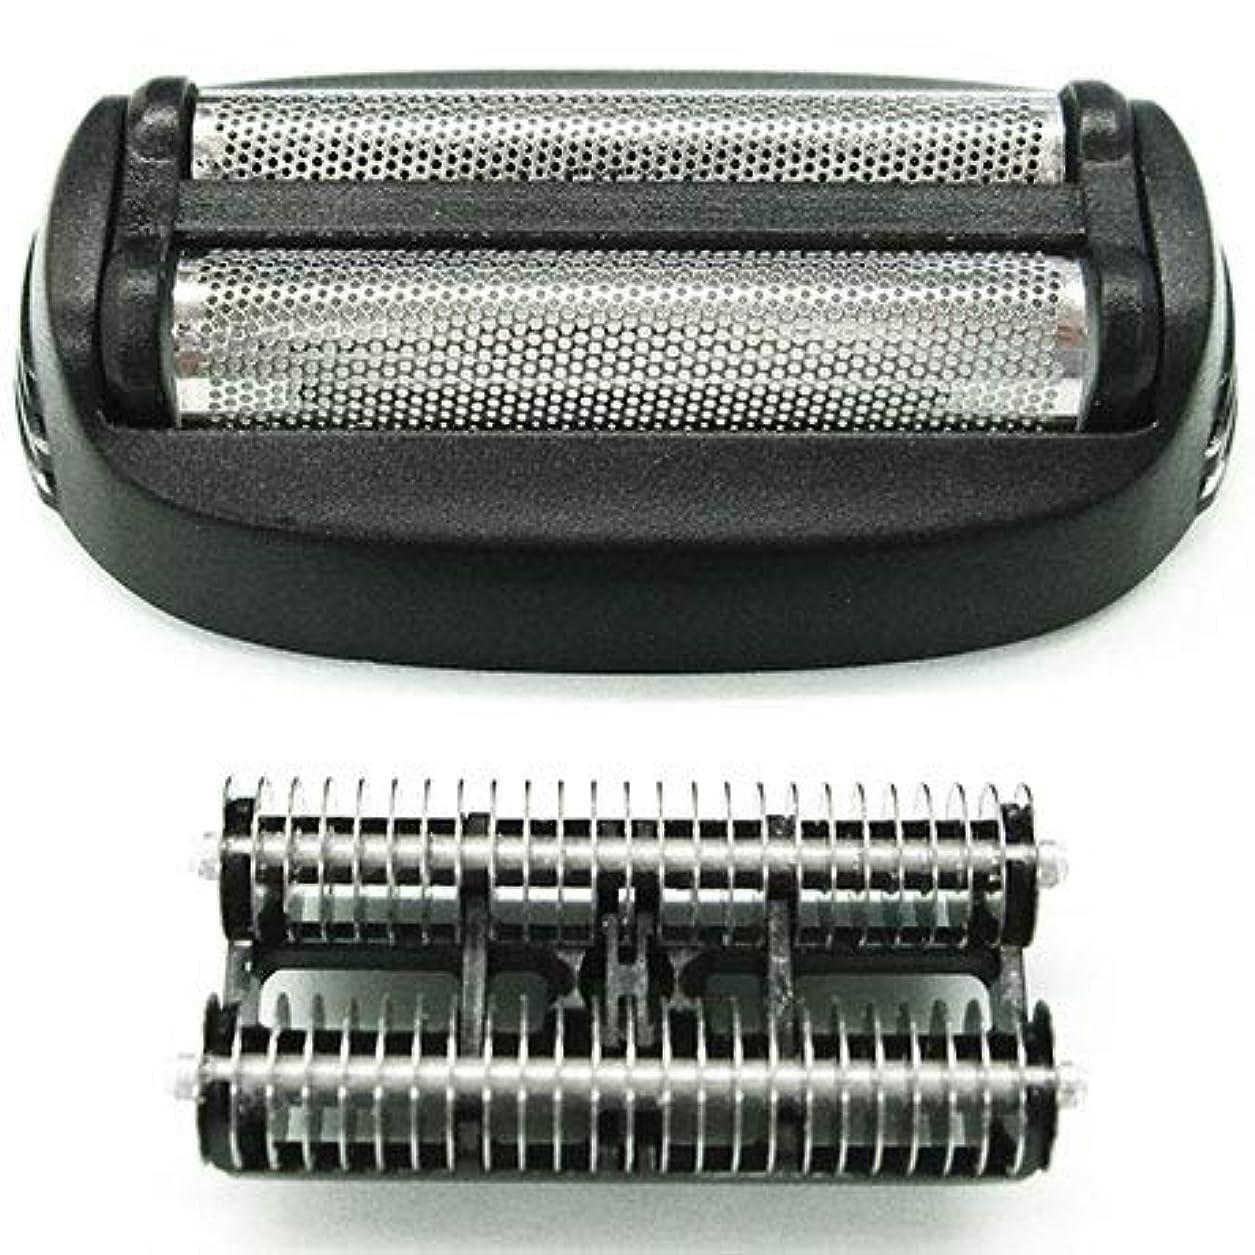 調整可能カートリッジに付けるSF72 シェ-バ- 替刃 セット/外刃+内刃